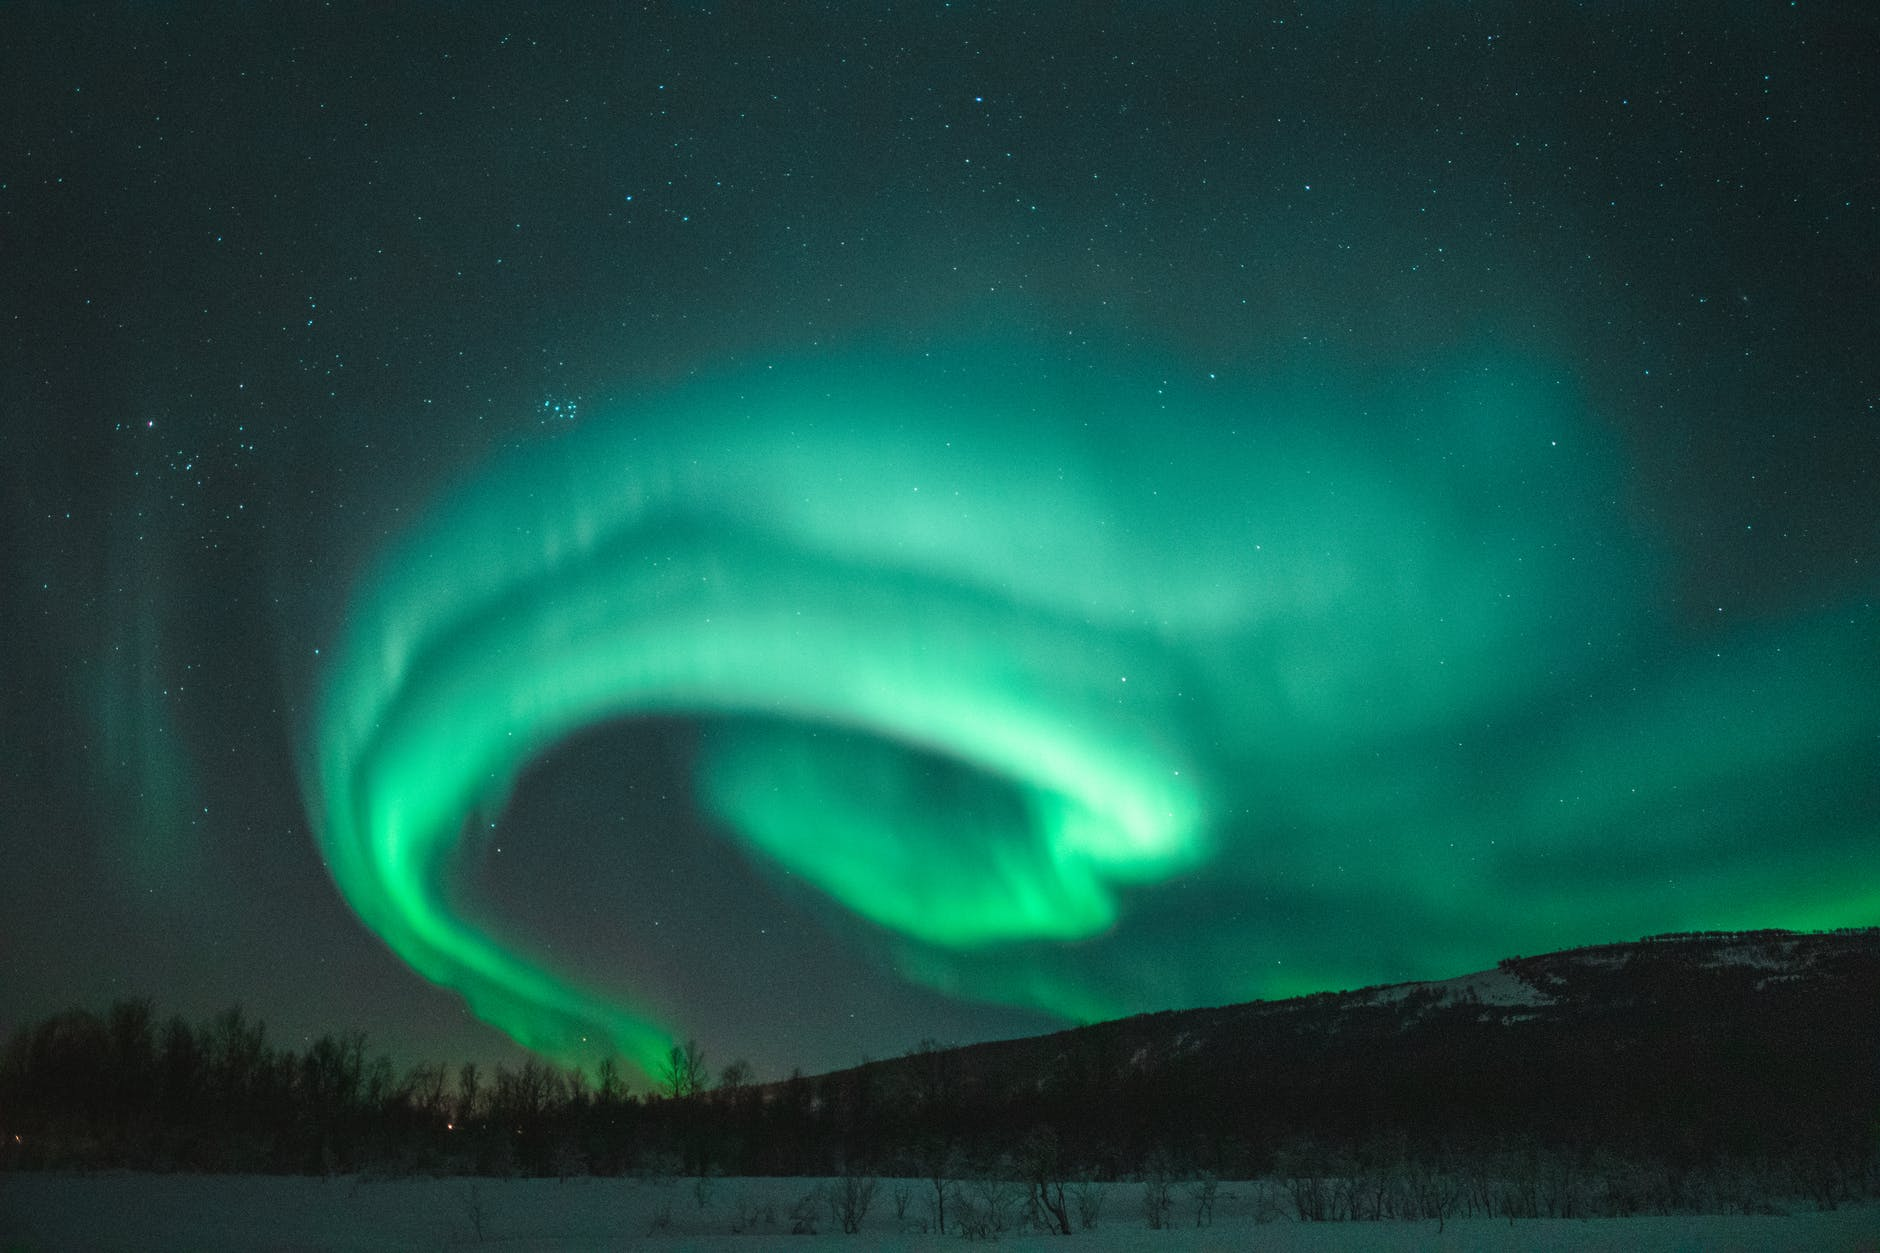 A sarki fény, vagy ahogyan az északi féltekén hívják, az északi fény minden Lappföldre utazó bakancslistáján szerepel. Szeretnéd tudni, hogy hol látható legjobban a sarki fény? Mikor a legjobbak az esélyeid arra, hogy lásd? Olvass tovább és minden kérdésedre választ kapsz.